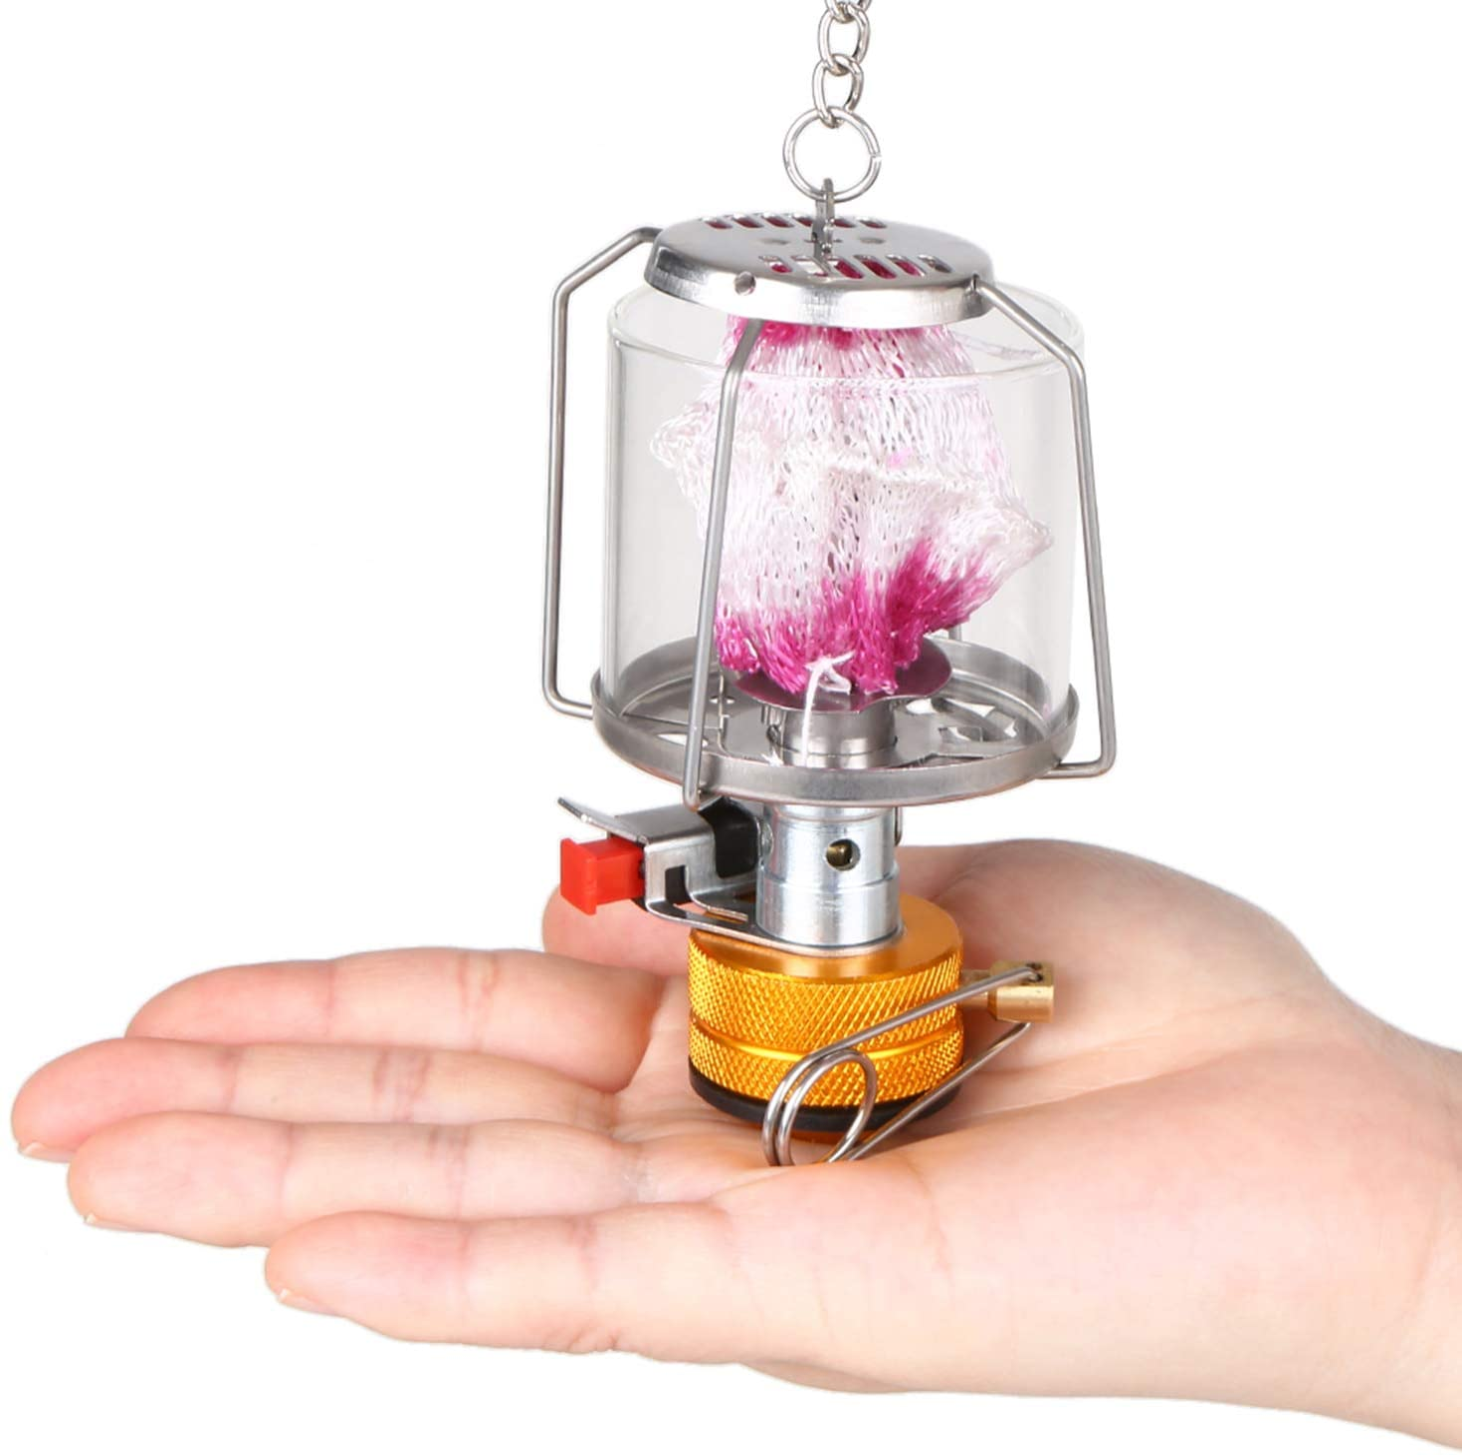 Lixada Linterna de Gas para Cámping Mini Portátil Encendido Piezoeléctrico Lámpara de Gas para Tienda